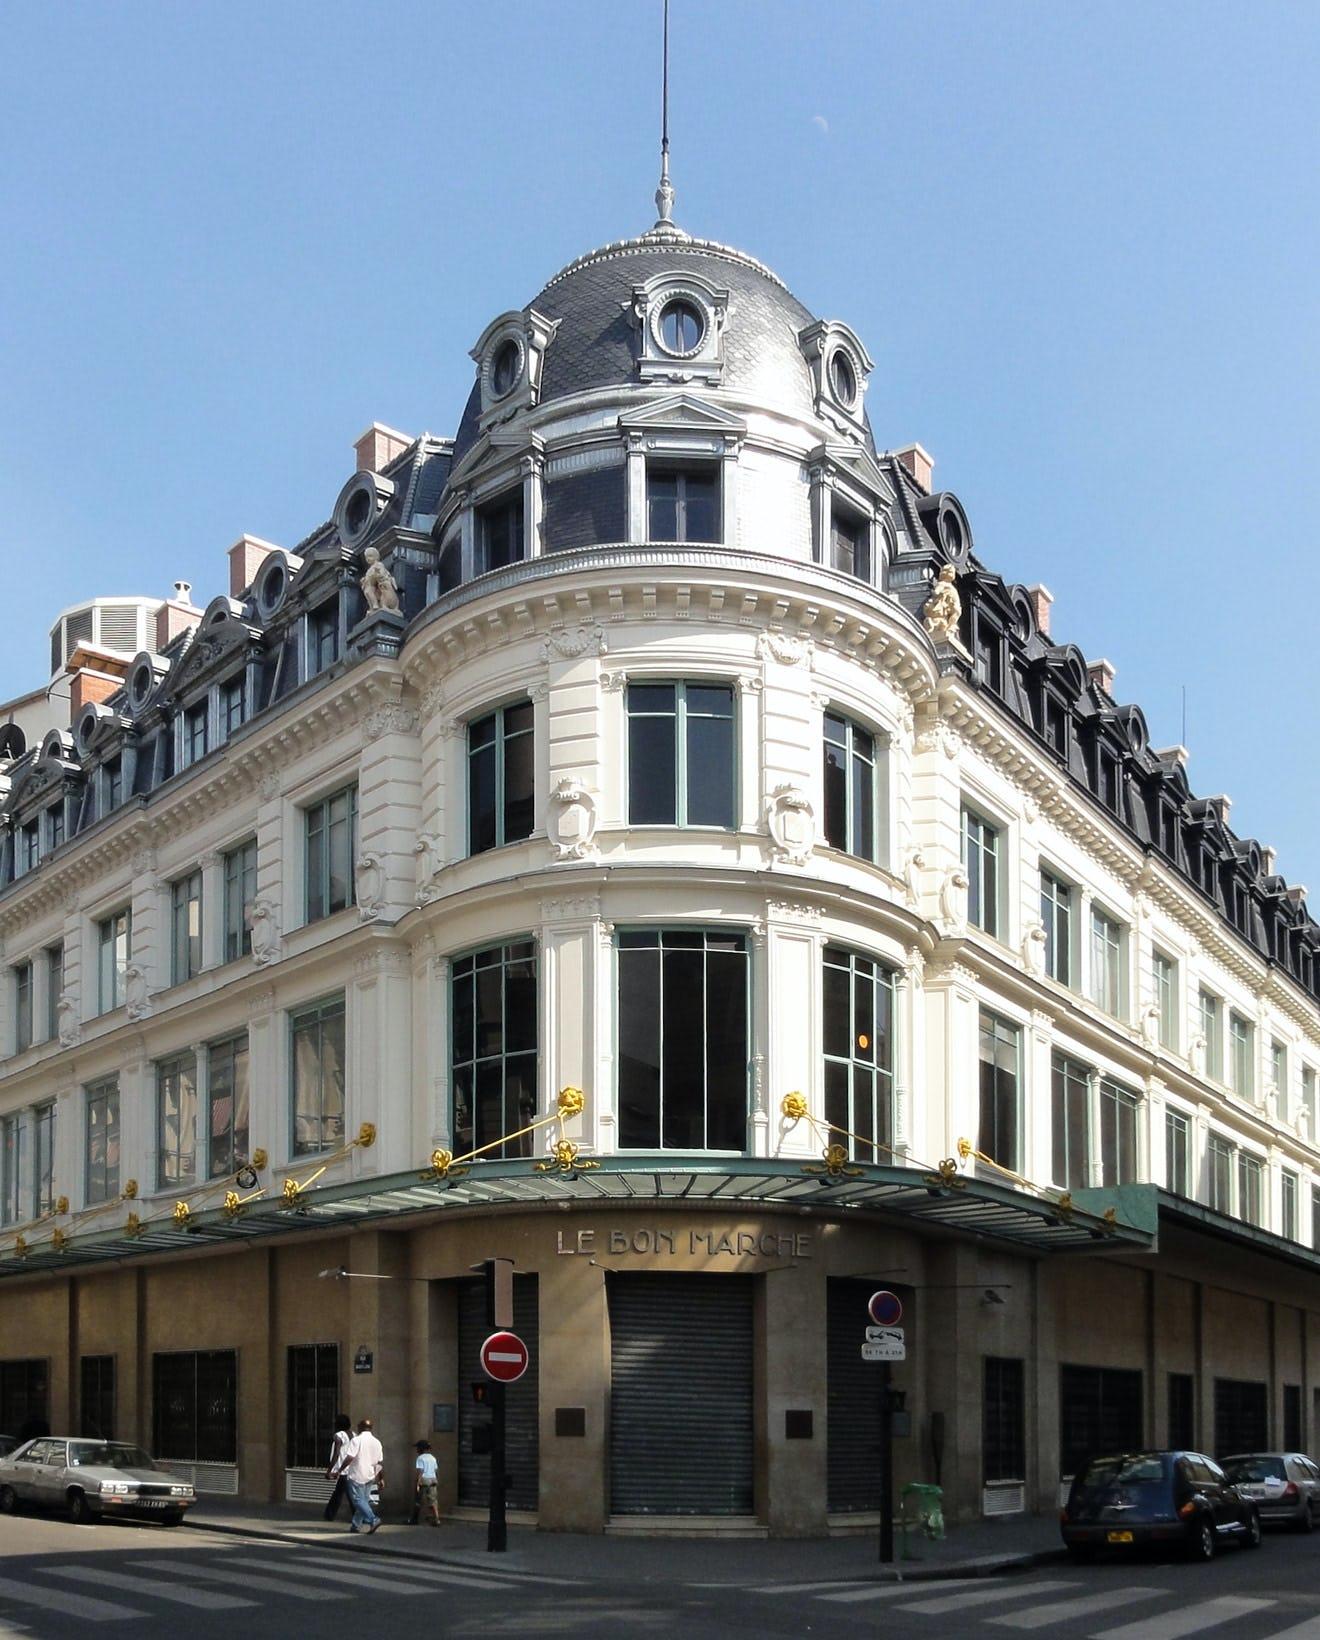 Le Bon Marché Rive gauche Paris